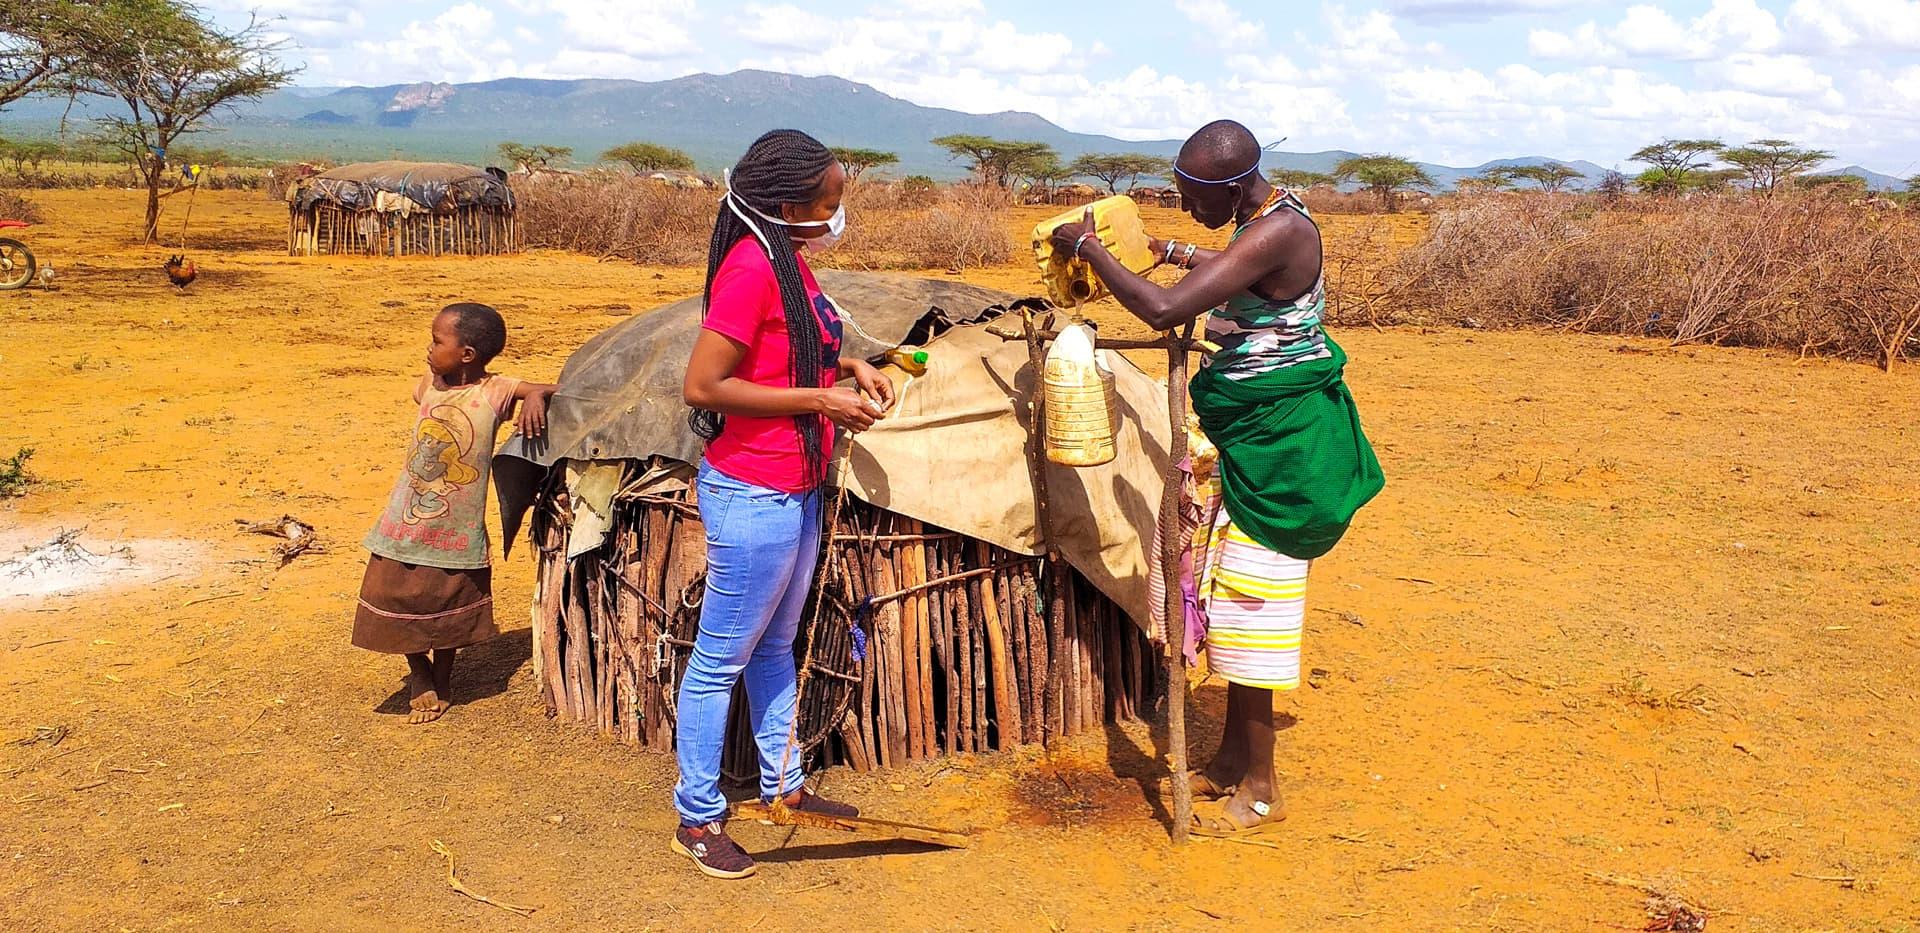 In Kenia wird mit einem Kanister eine Händewaschmöglichkeit improvisiert